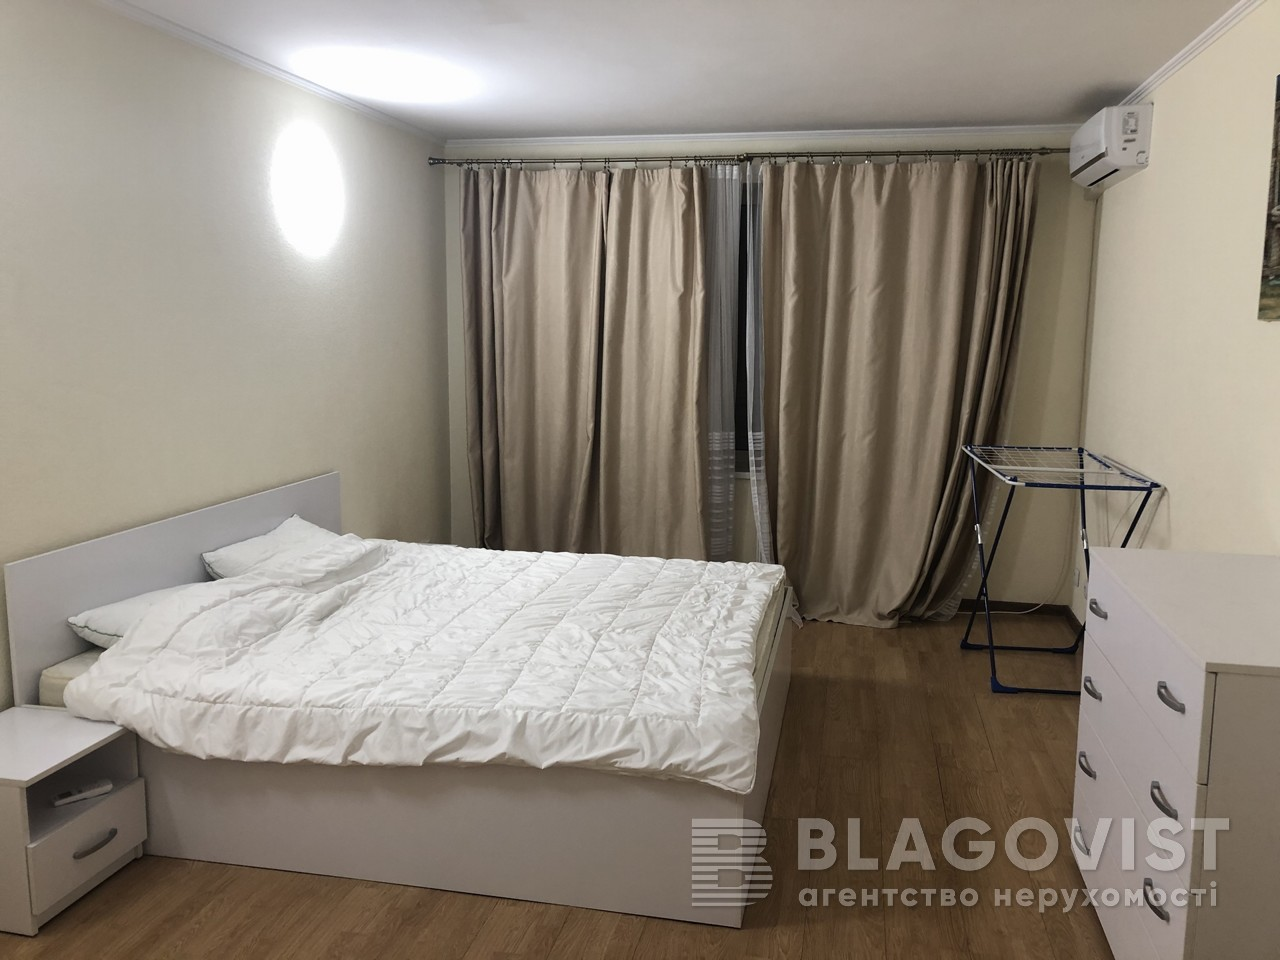 Квартира A-112155, Шелковичная, 46/48, Киев - Фото 10